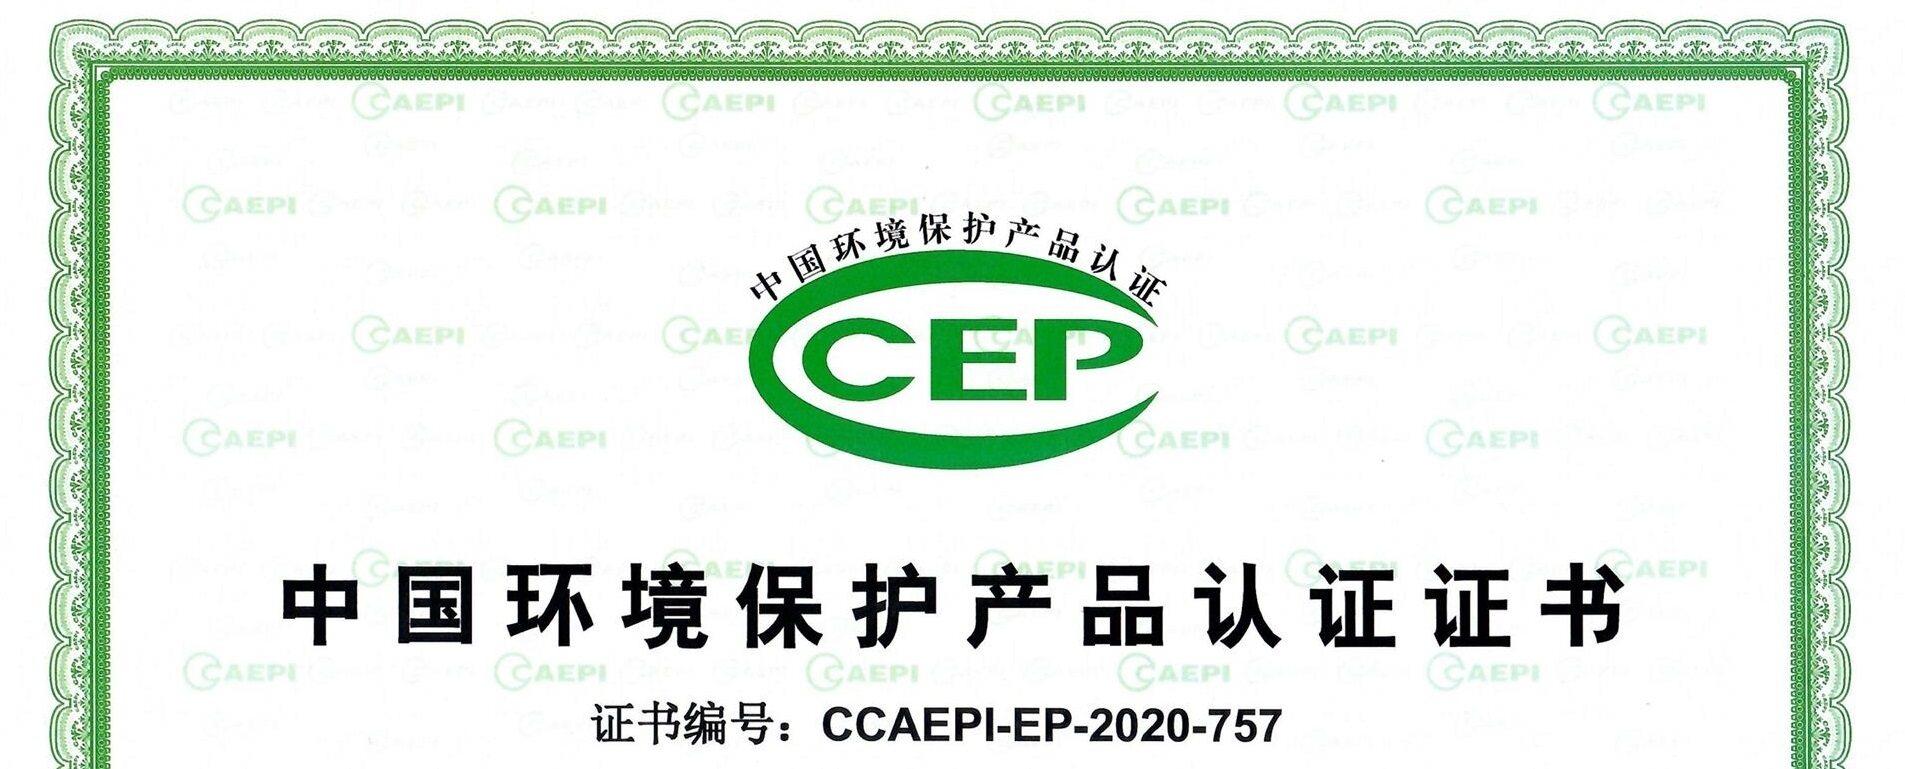 喜报!祝贺我司扬尘在线监测设备荣获三项CCEP产品认证证书